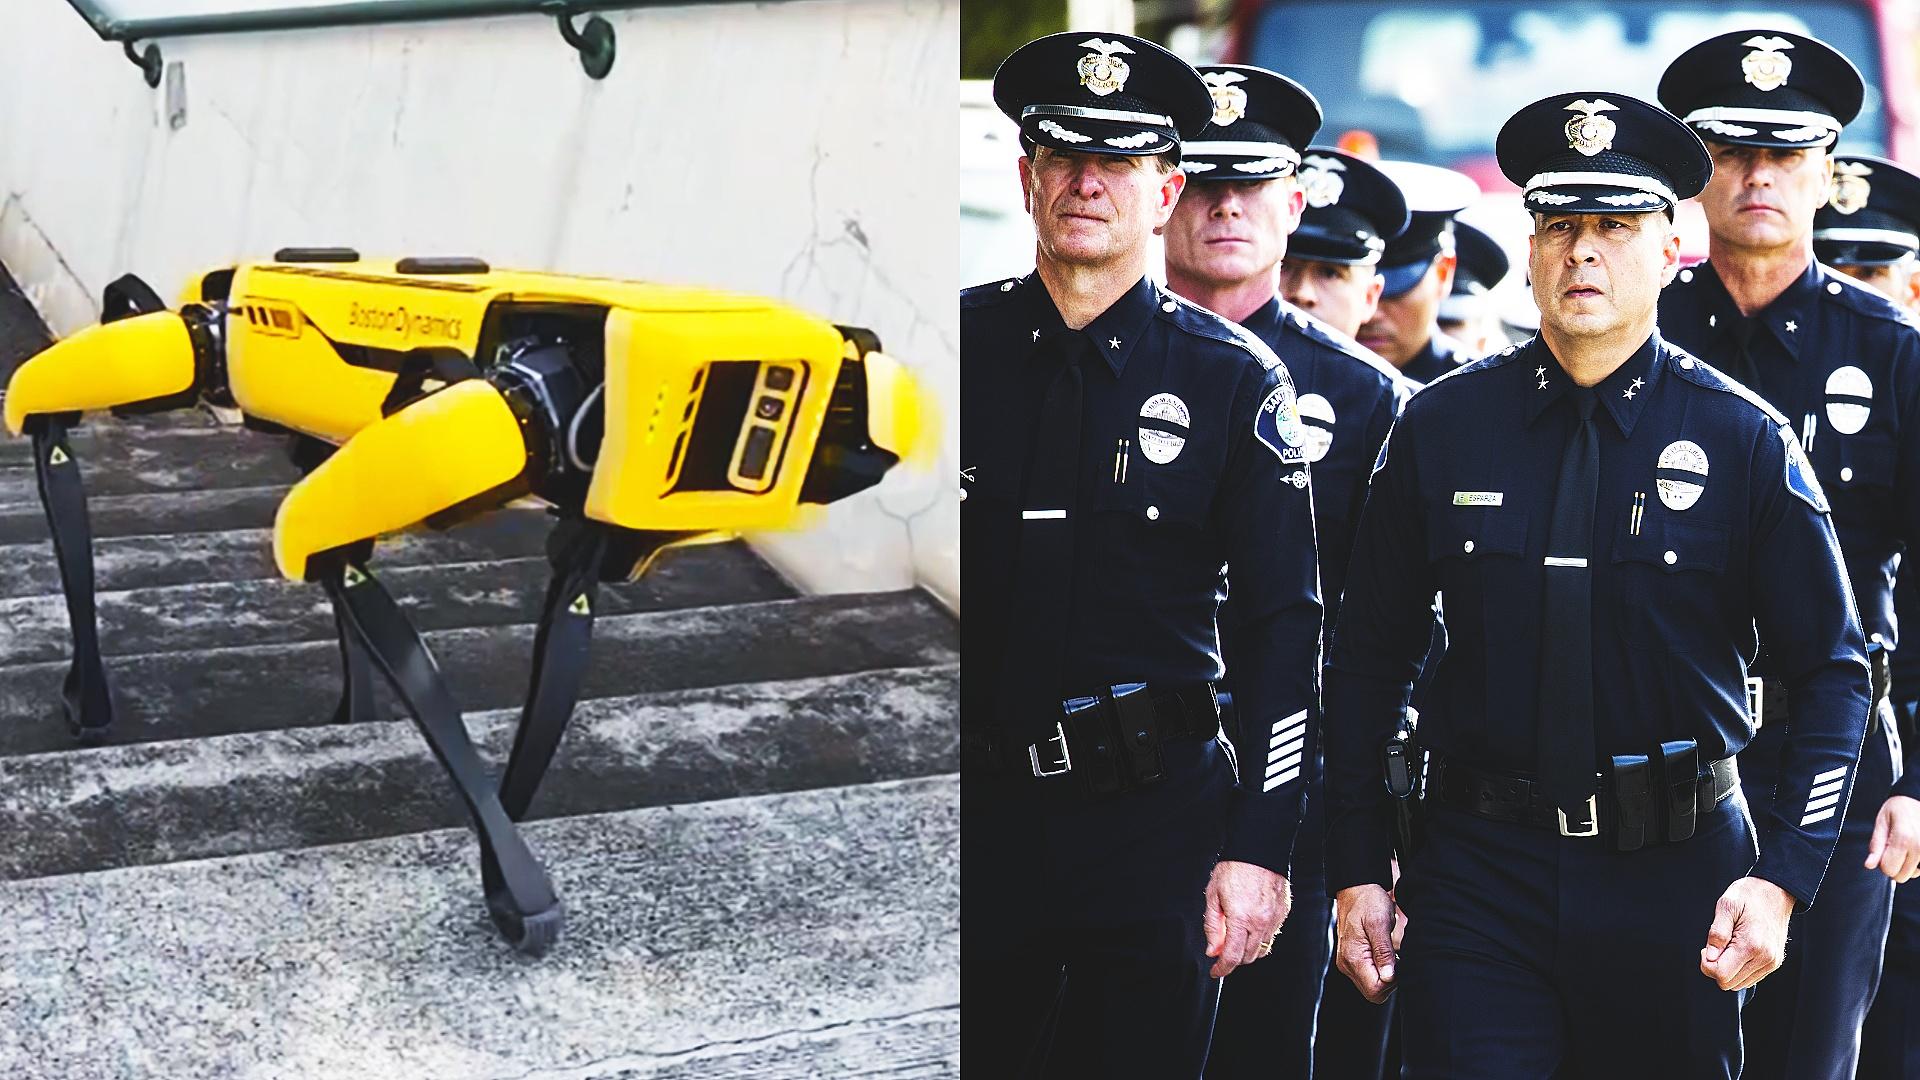 Робопсы поступили на службу в полицию Гавайев